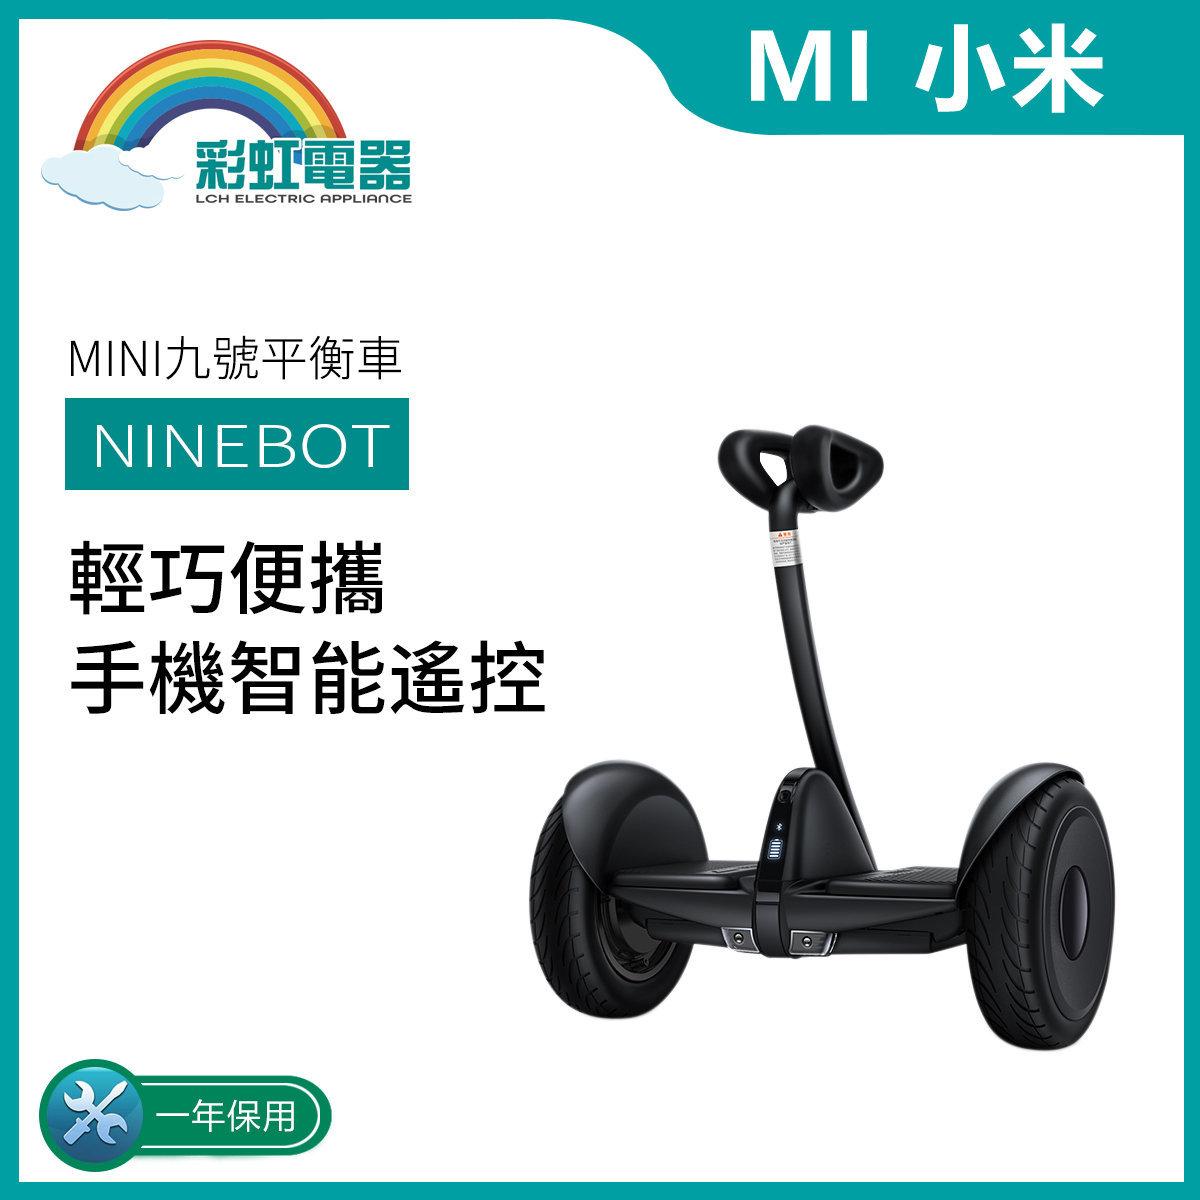 Ninebot mini 九號平衡車 -黑(平行進口)